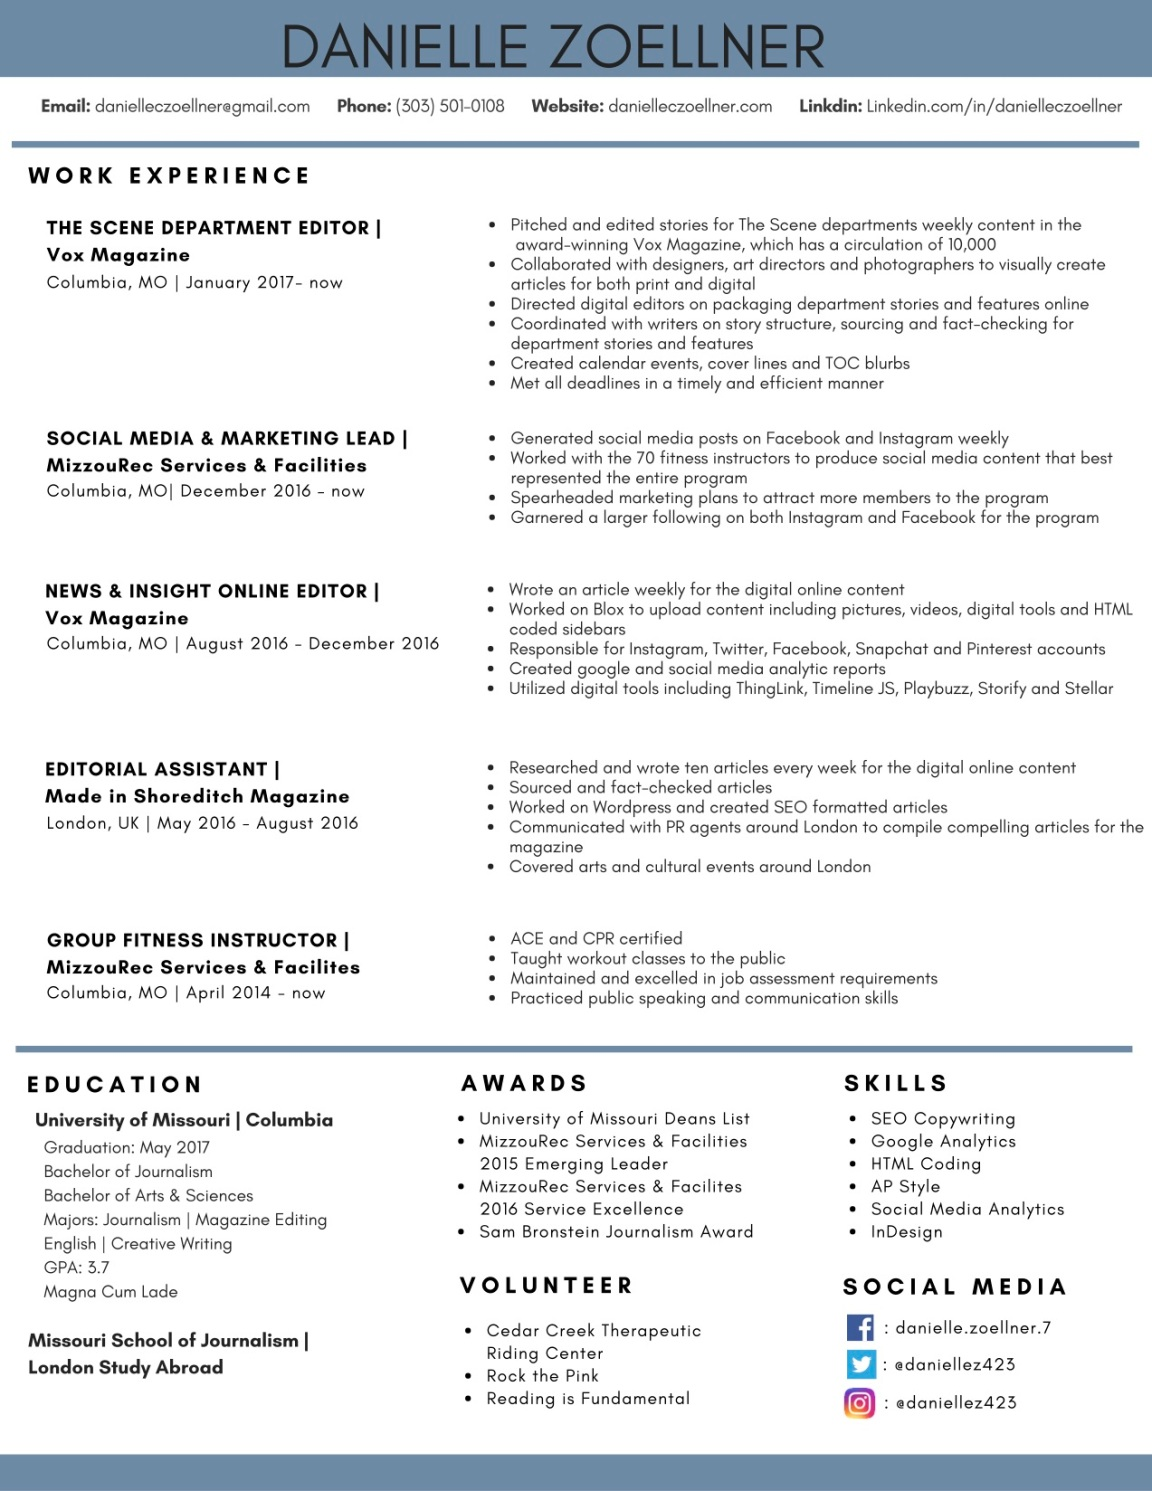 danielle-zoellner-resume